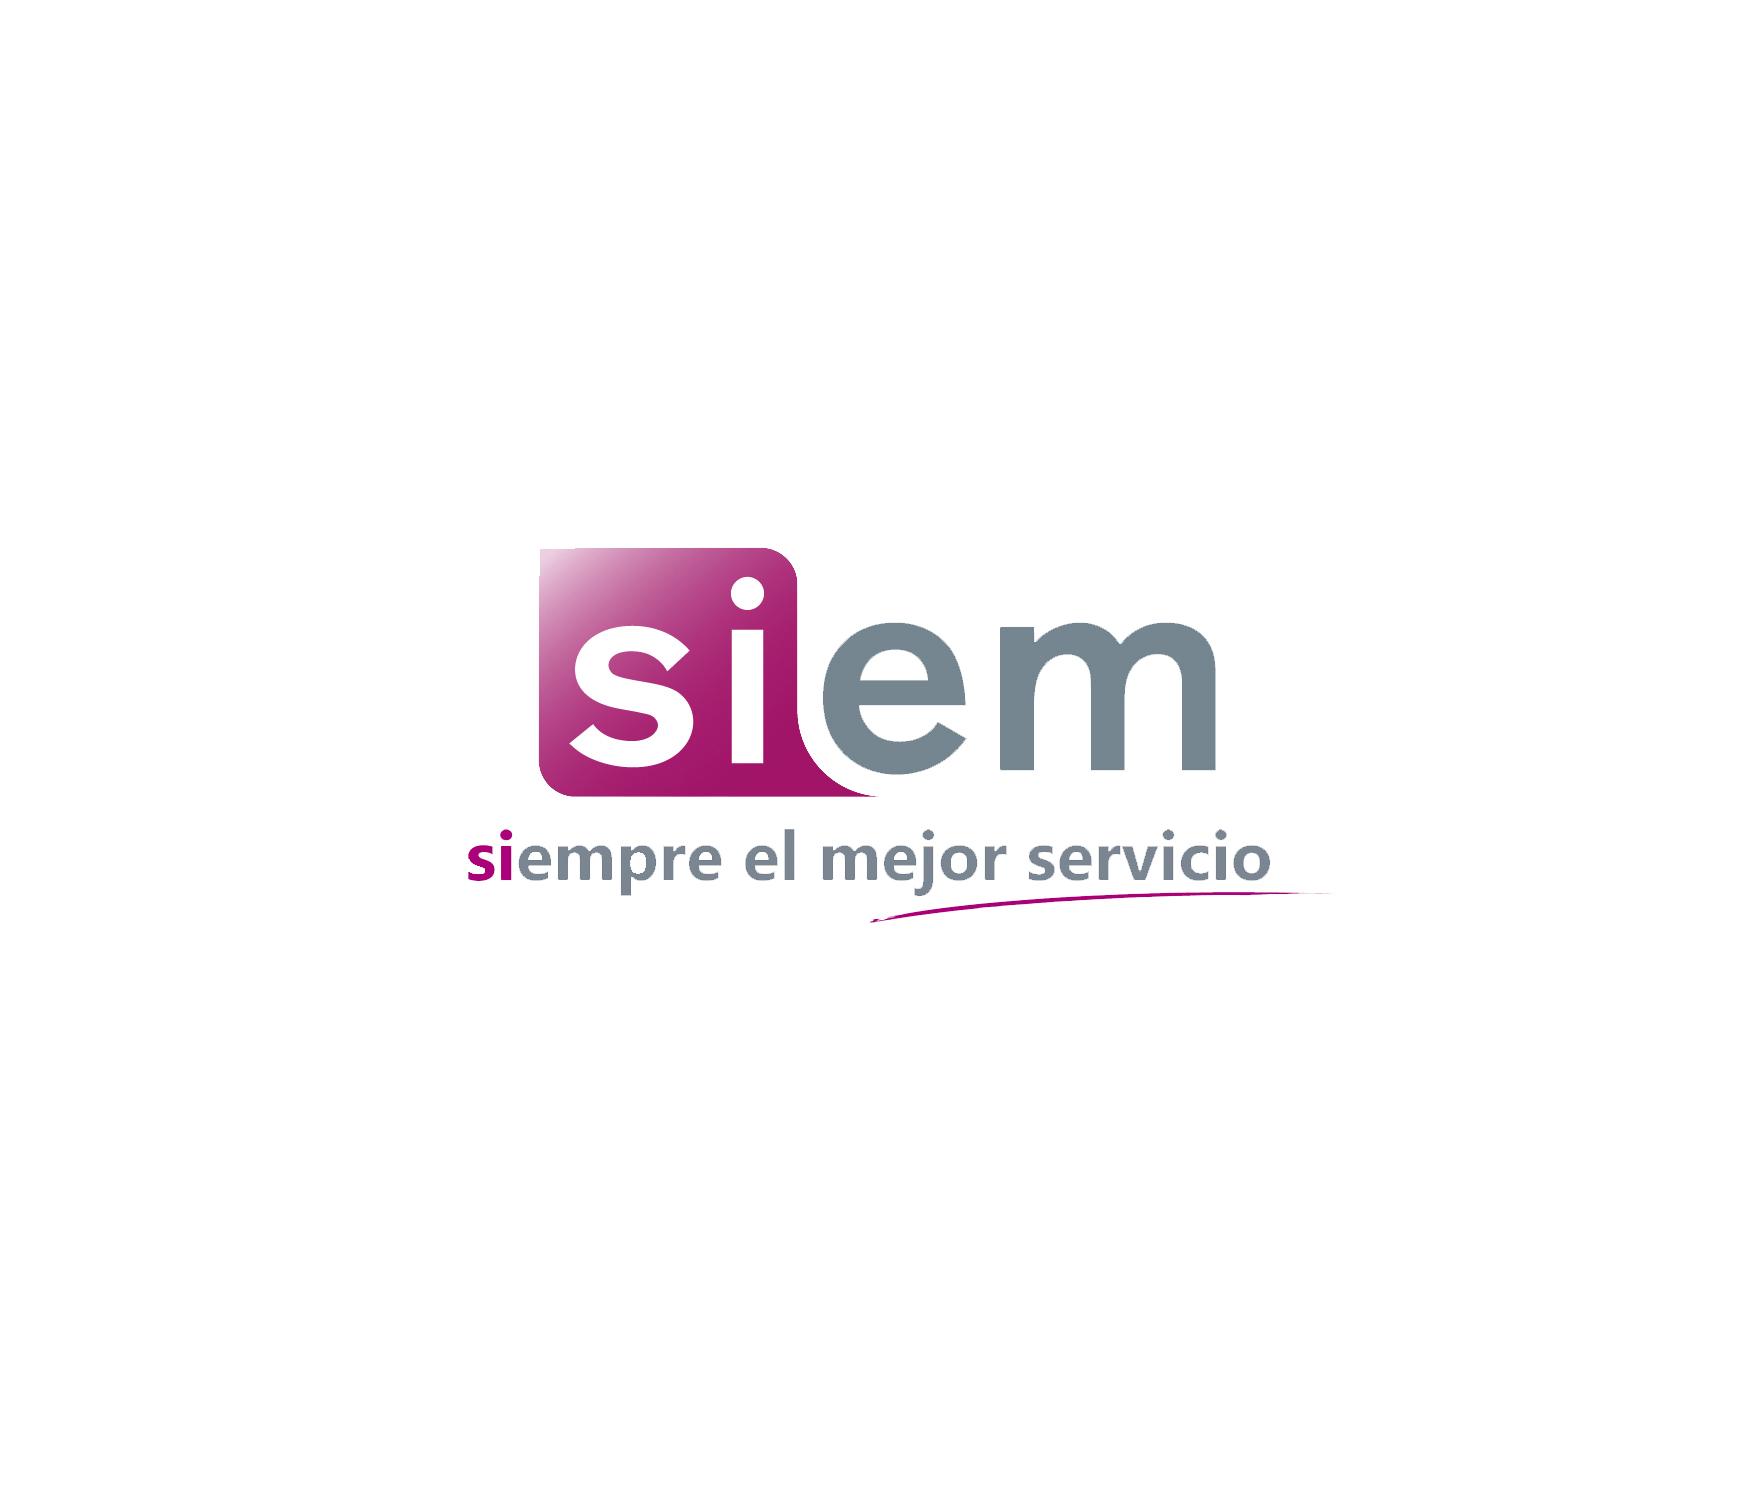 SIEM servicios